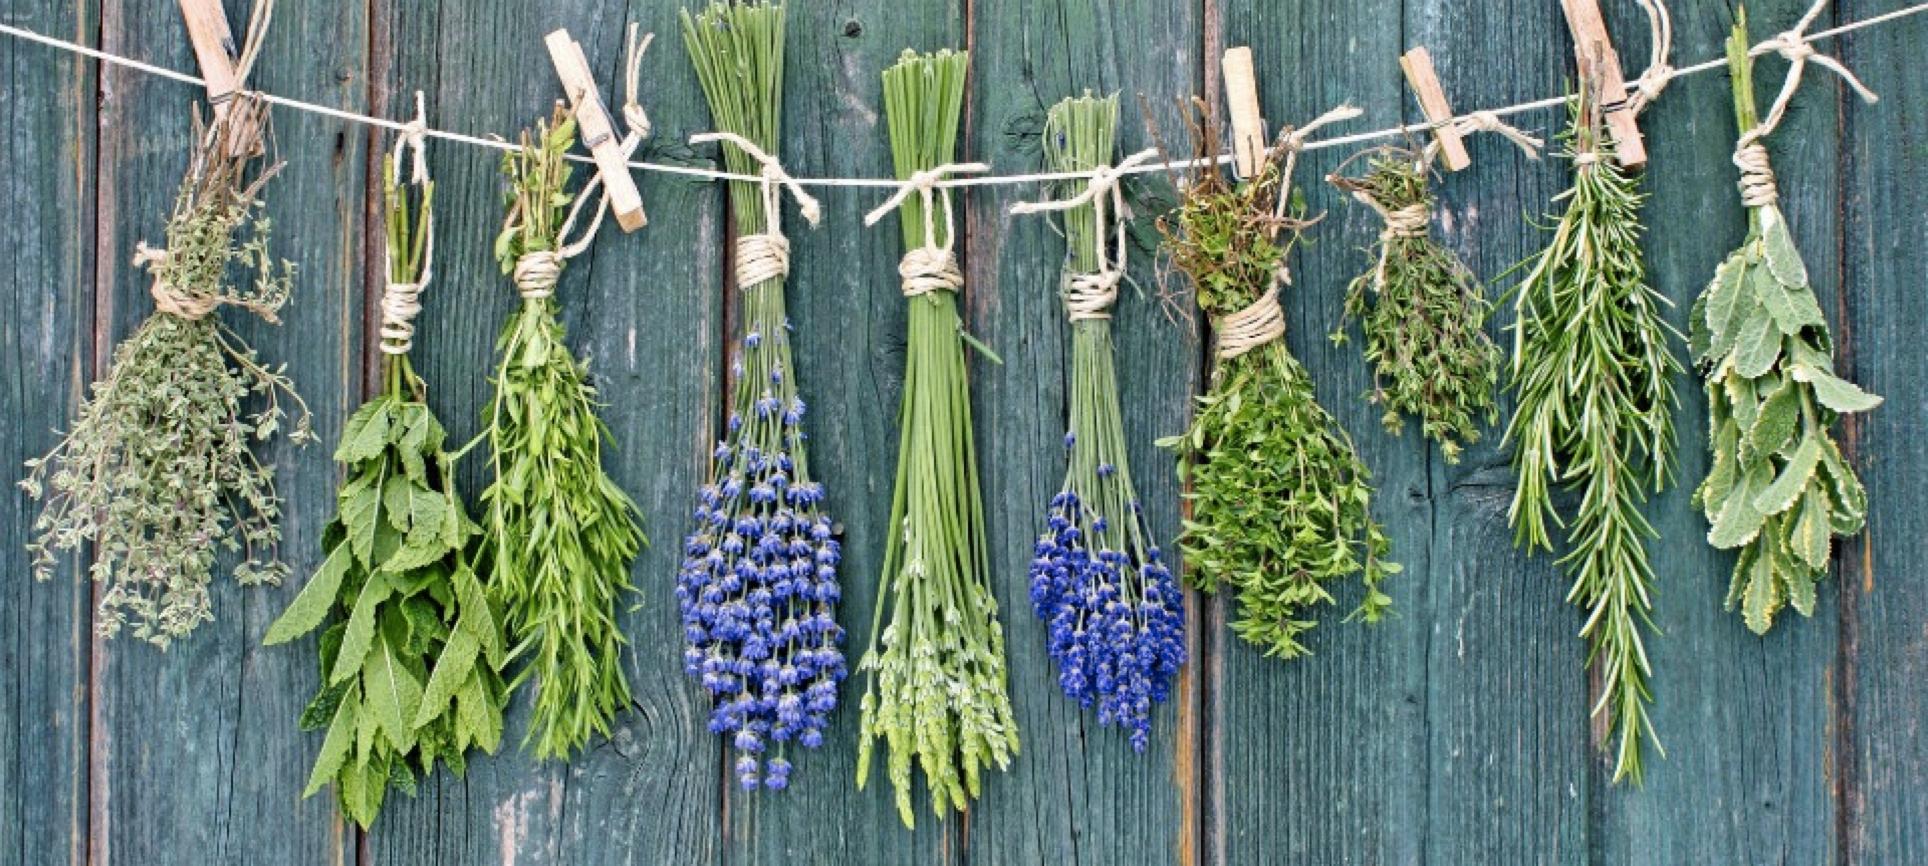 Herbes aromatiques qui sèchent